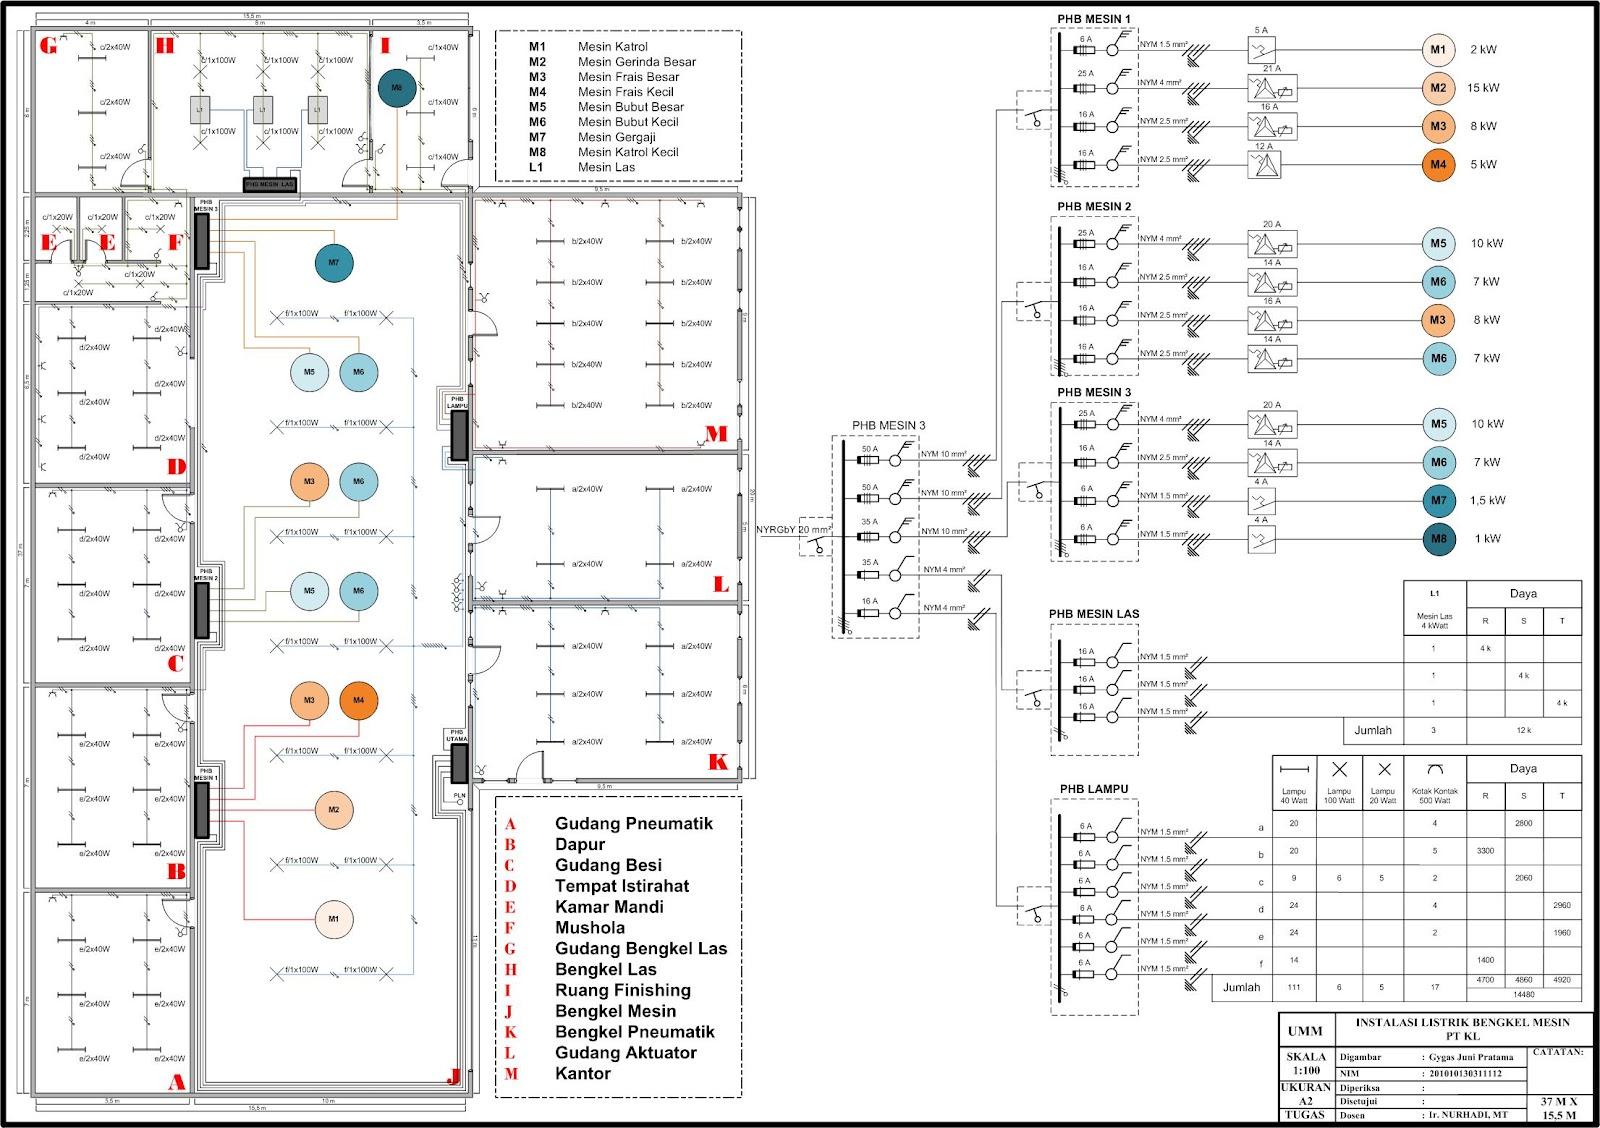 Pelatihan Desain Dan Perhitungan Material Listrik Bangunan